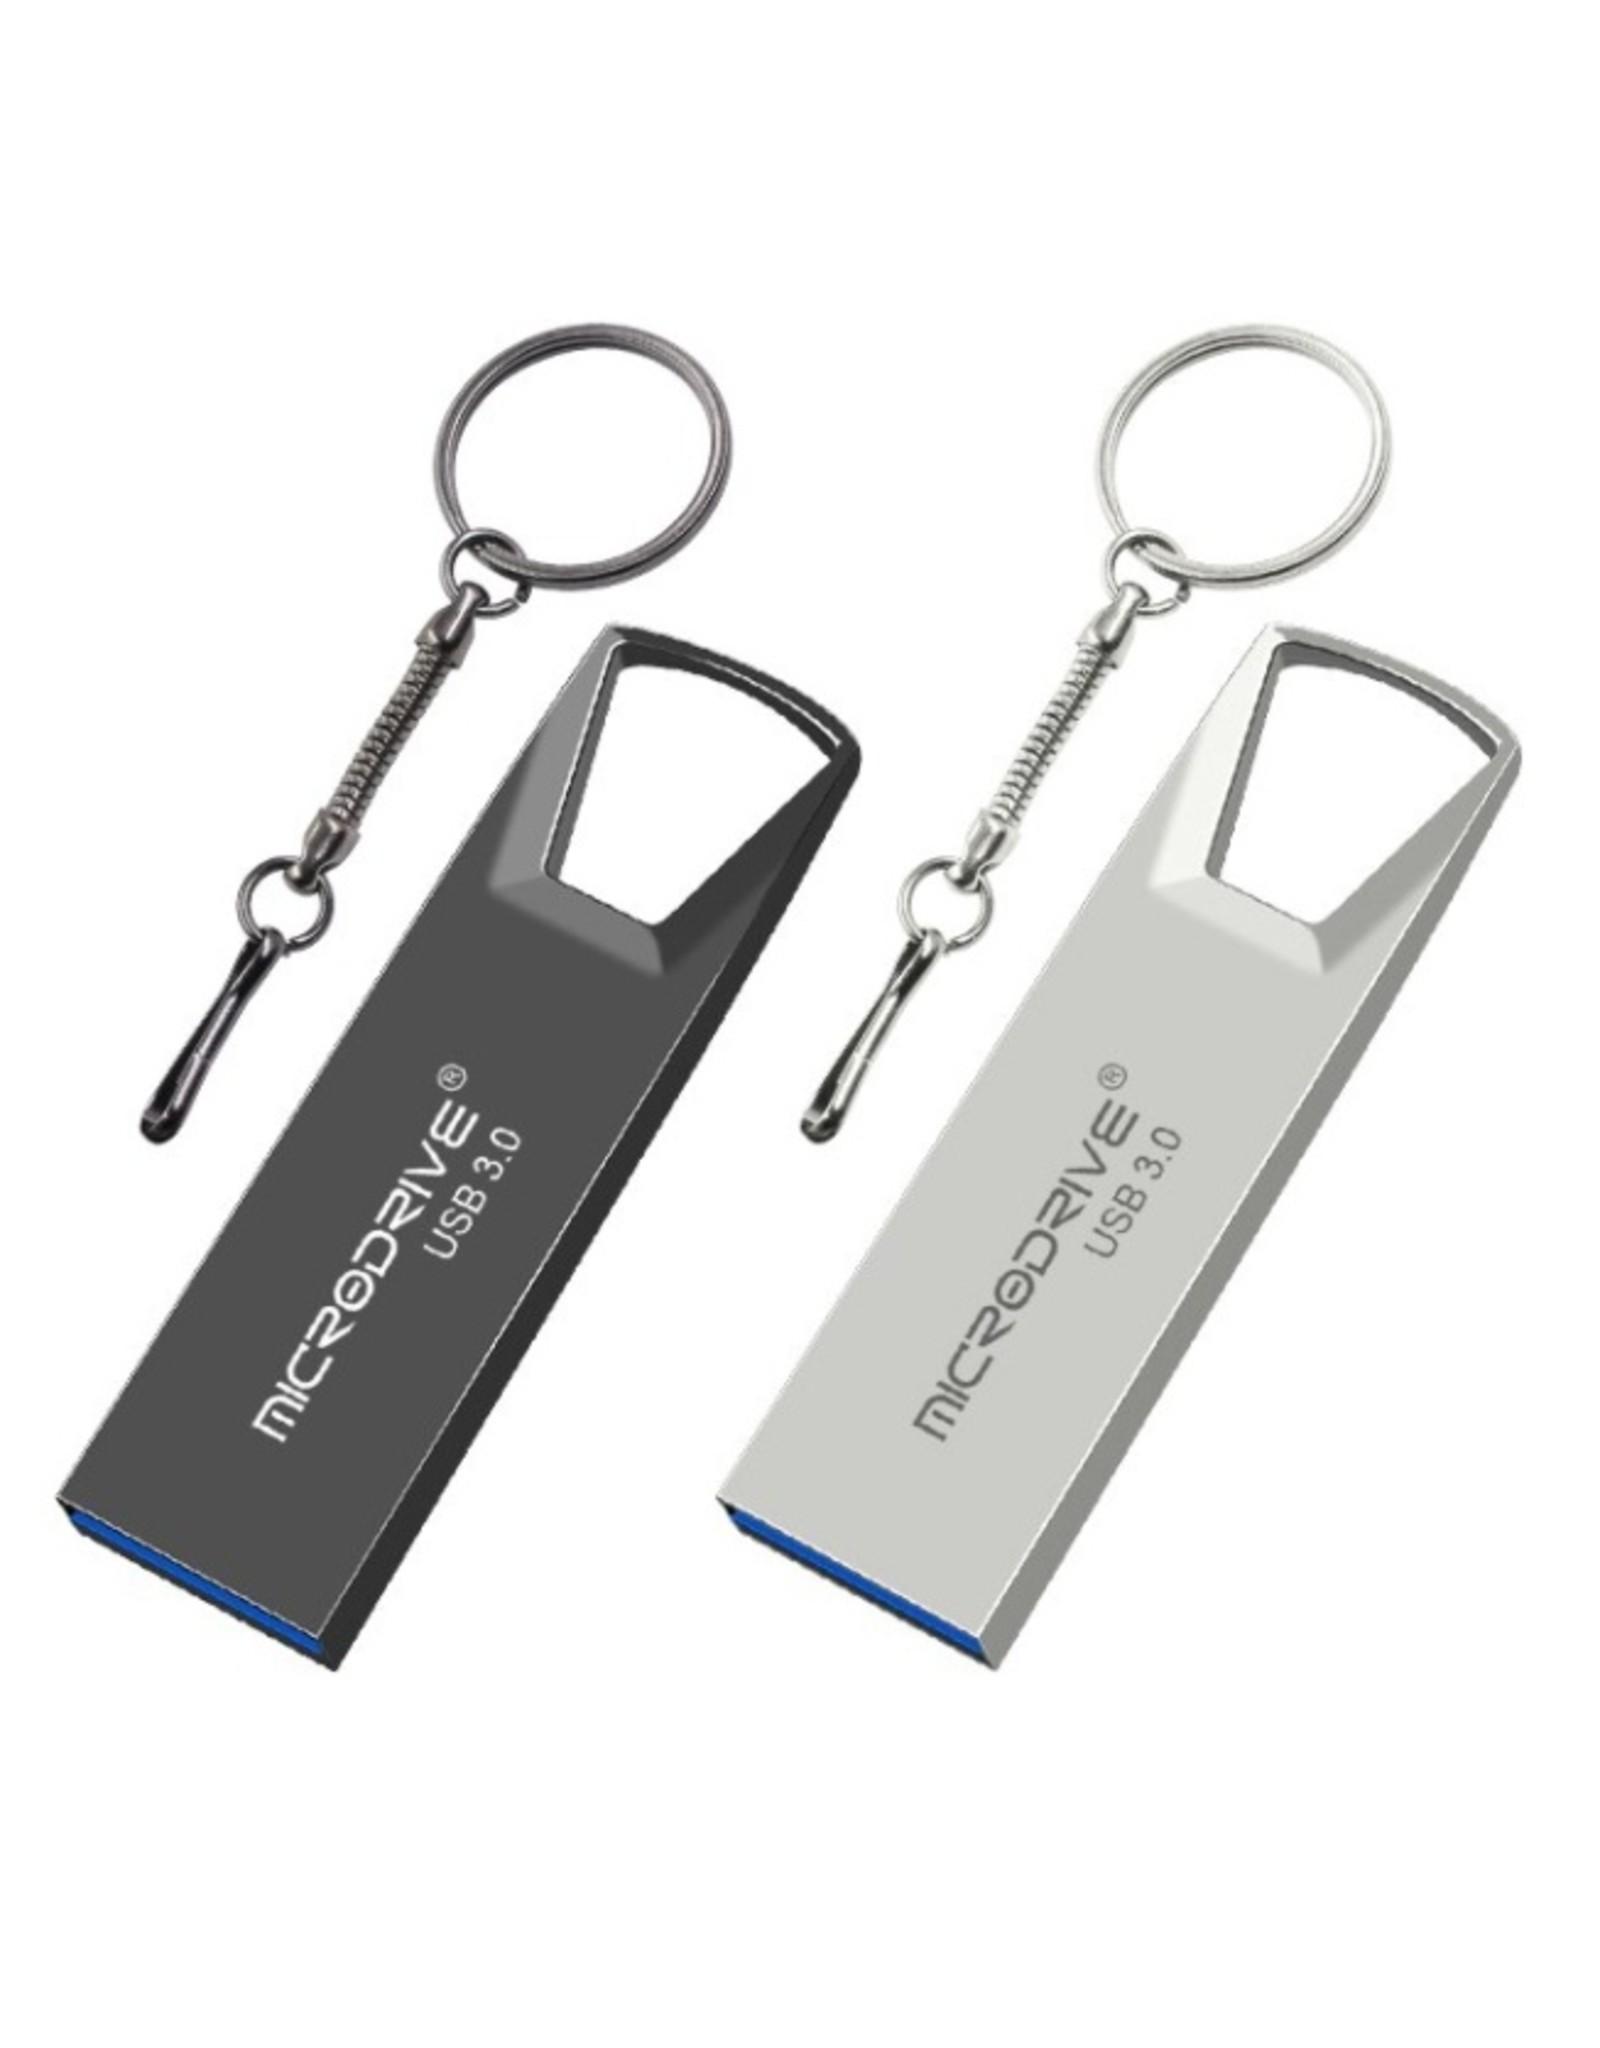 Hoge snelheid USB 3.0 mini-flashdrive Waterdichte USB-flashdrive-geheugensticks-zwart